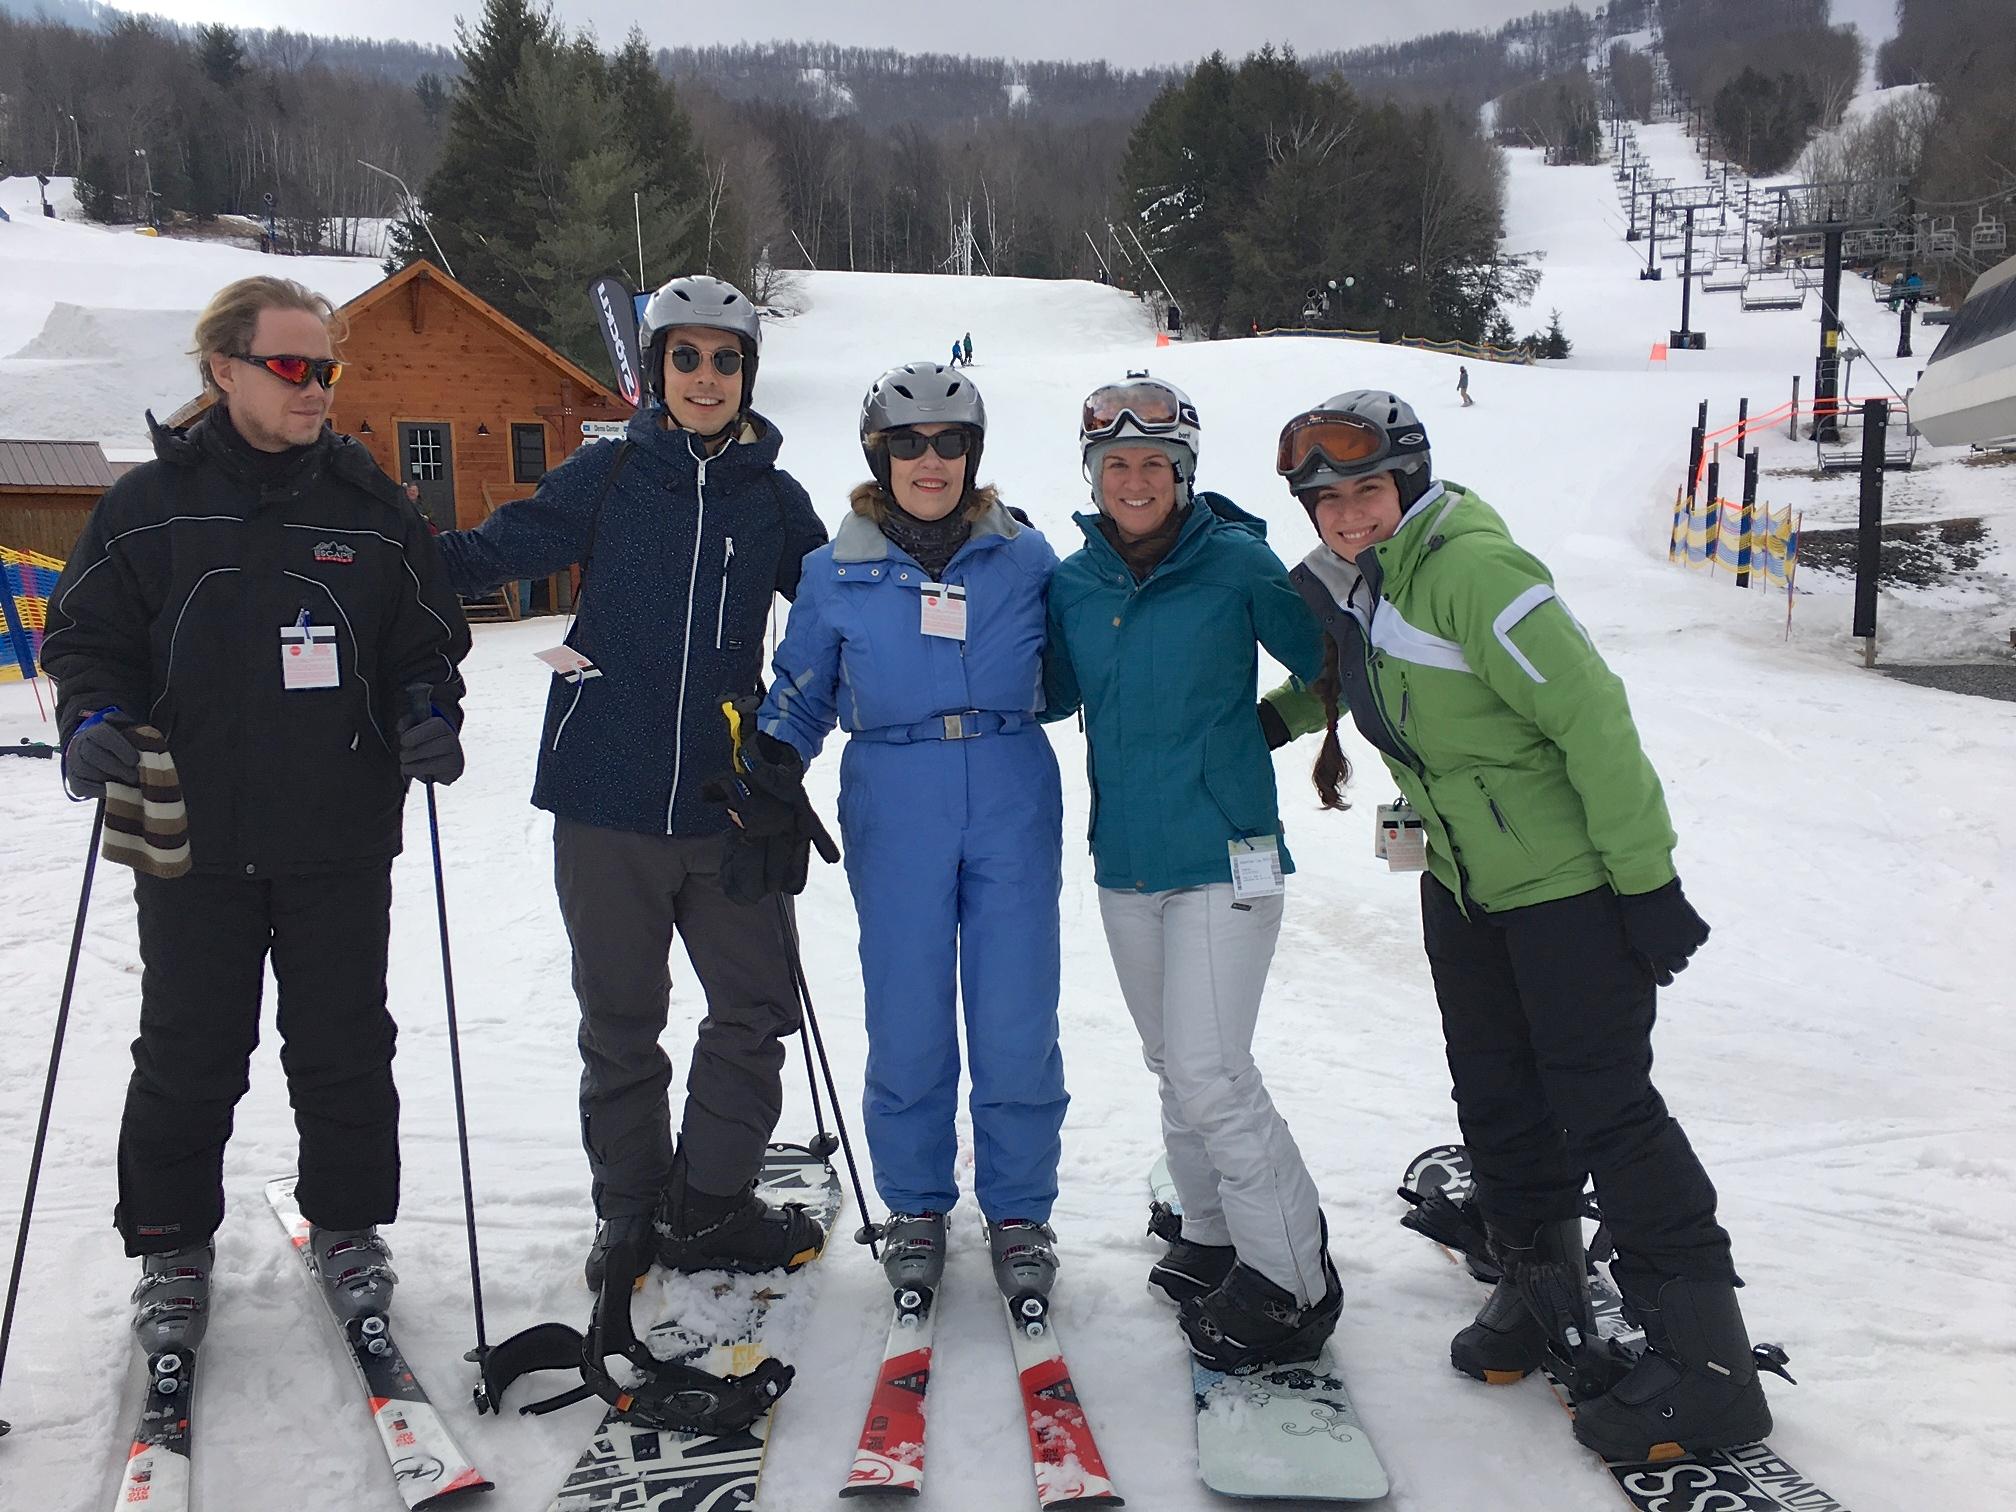 Kristian, Koen, Lorraine, Jocelin, Jackie, Feb. 14, 2018 skiing at Windham